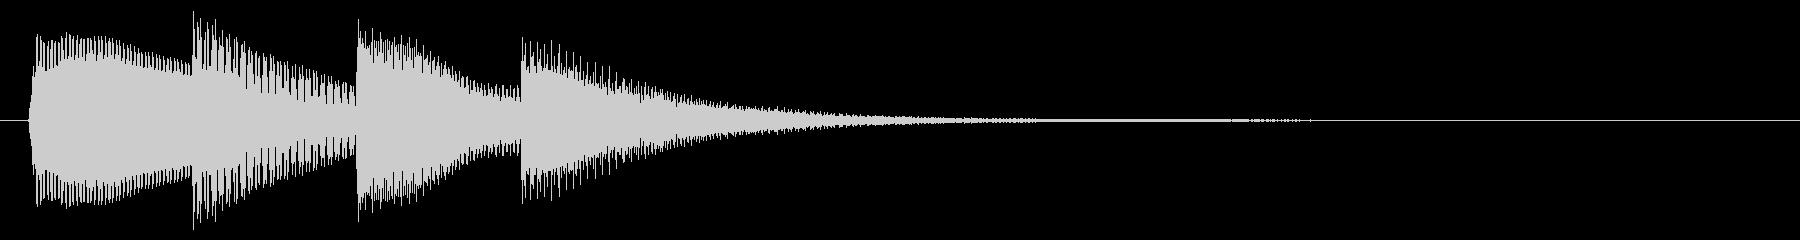 お知らせ/タラララン/テロップの未再生の波形